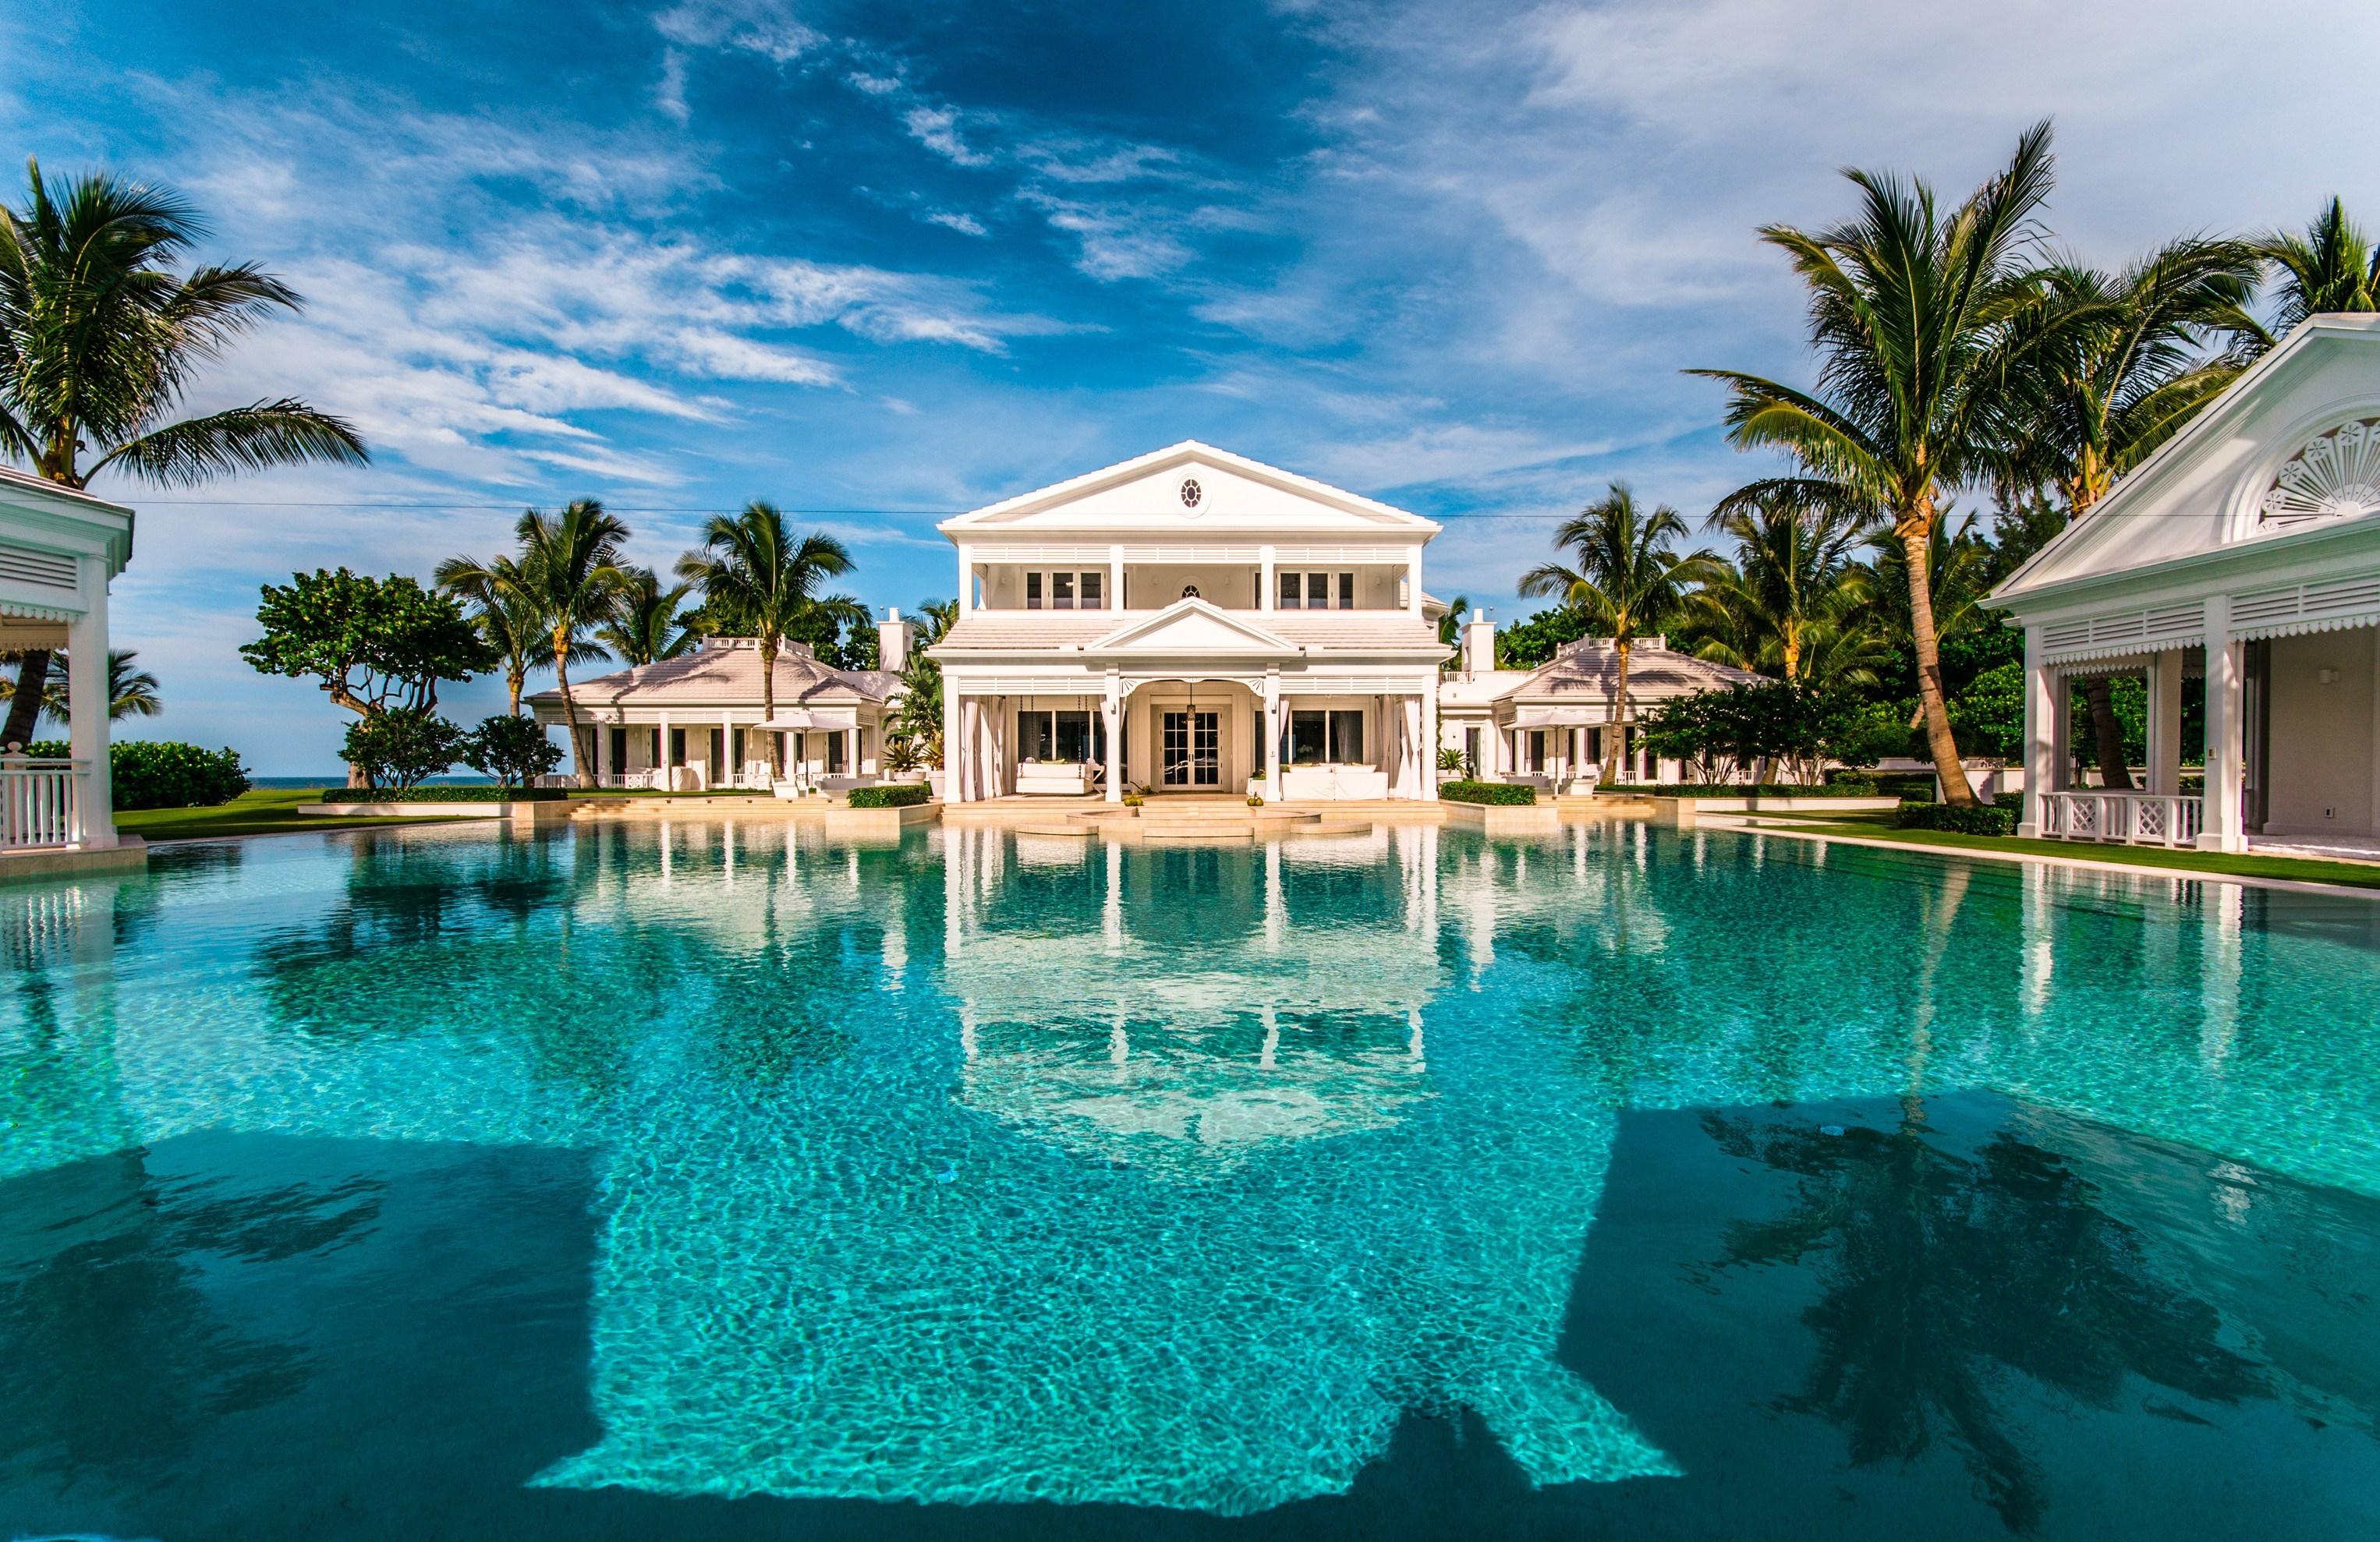 Купить дом во флориде за 100000 долларов